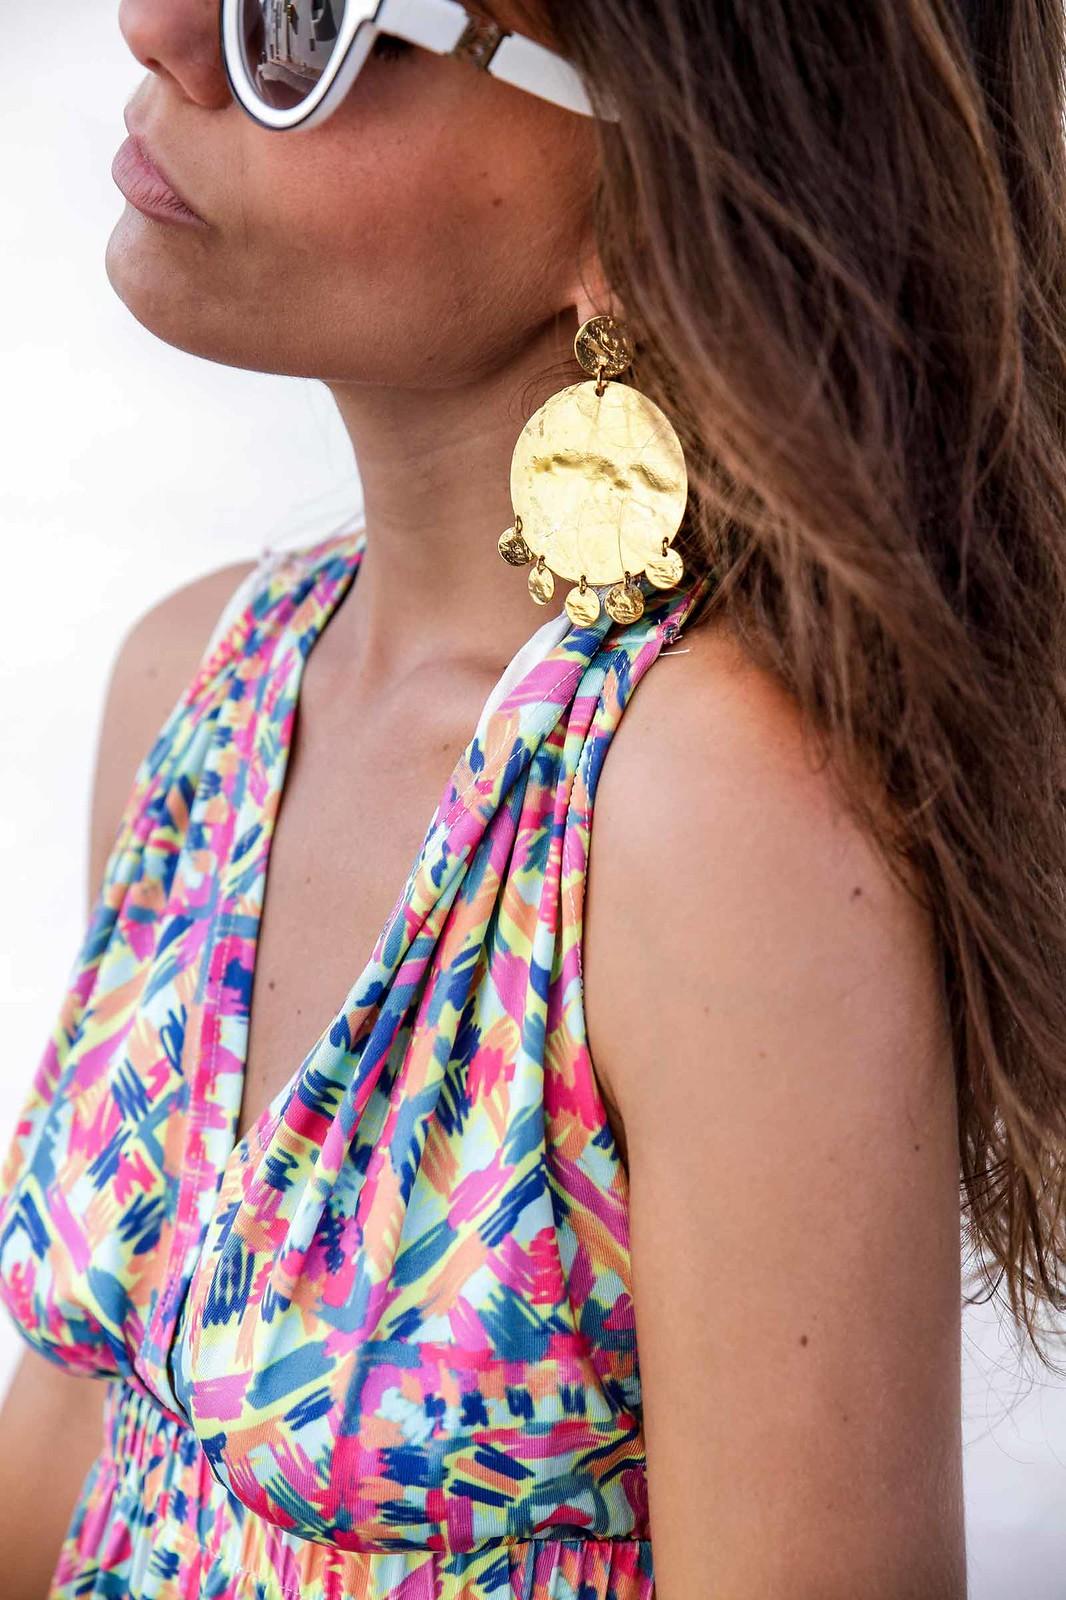 06_vestido_largo_colores_estilo_boho_rüga_chic_casual_street_style_outfit_theguestgirl_